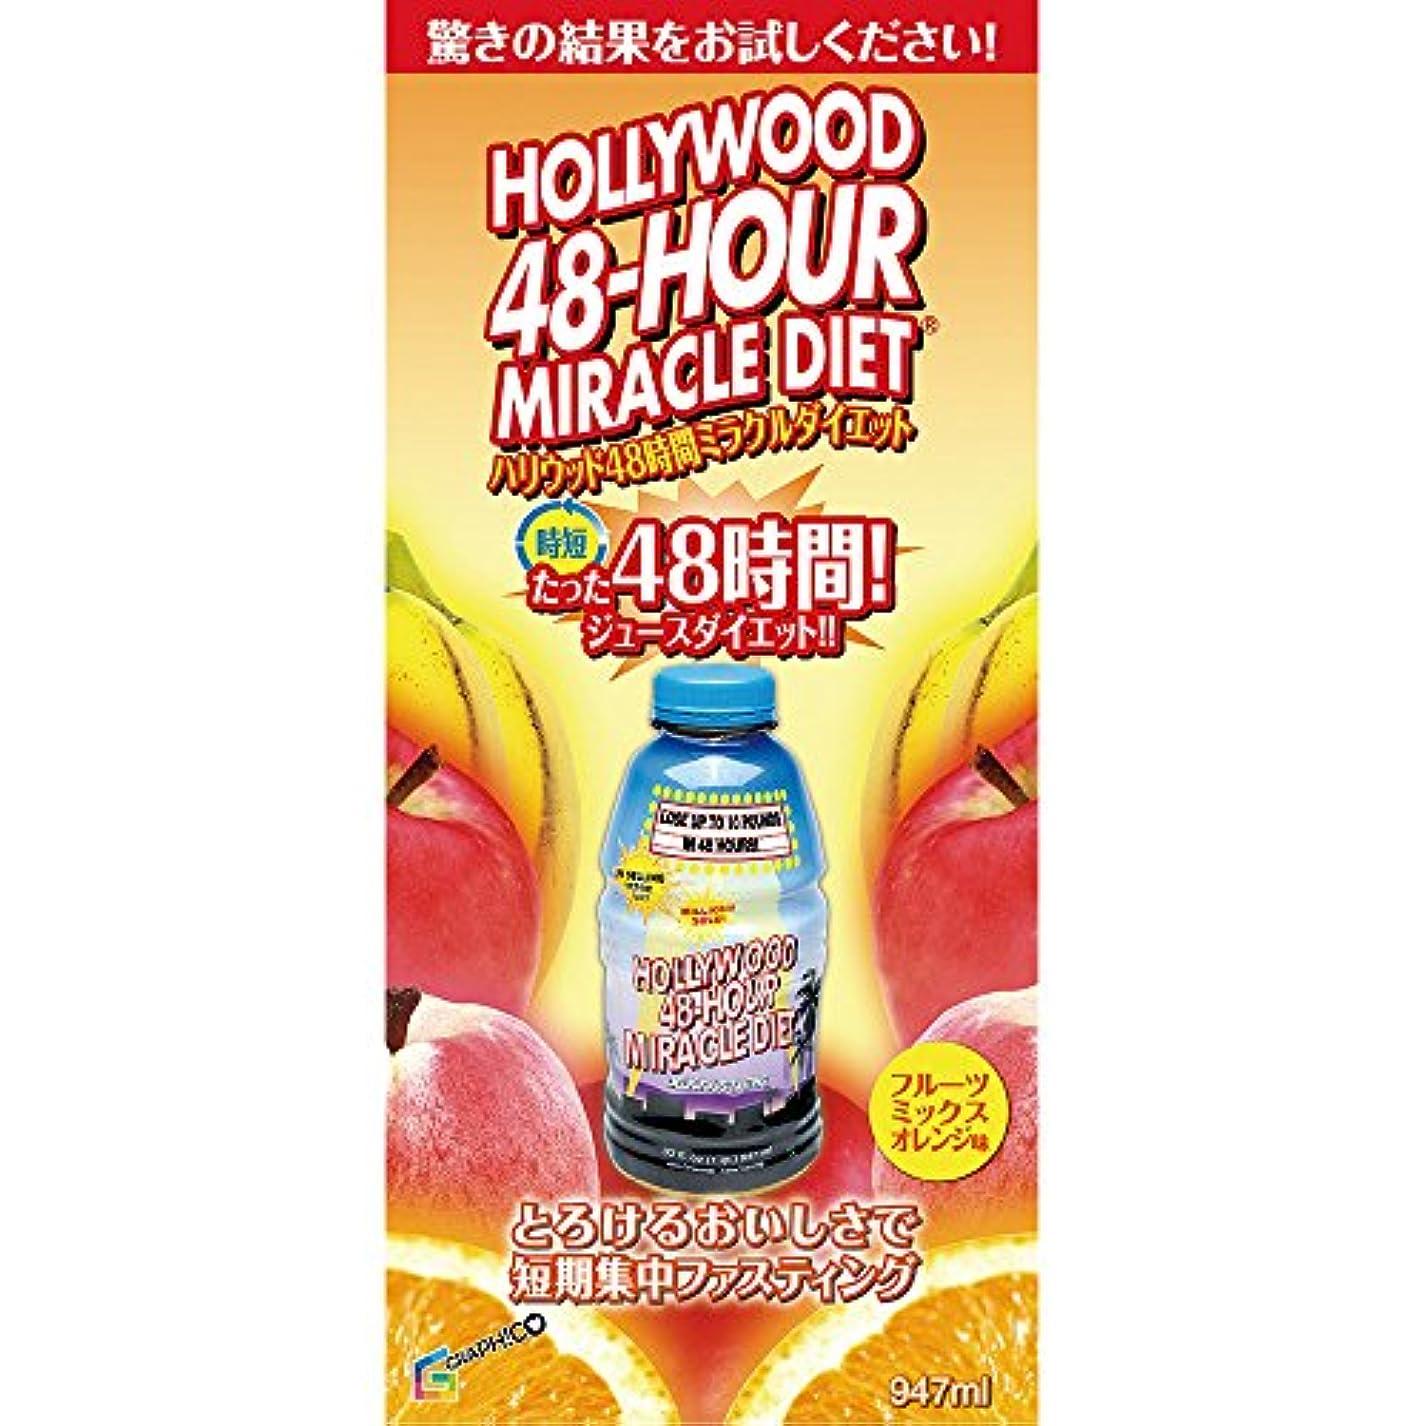 デンプシー味方密輸ハリウッド48時間 ミラクルダイエット (フルーツミックスオレンジ味) 947ml